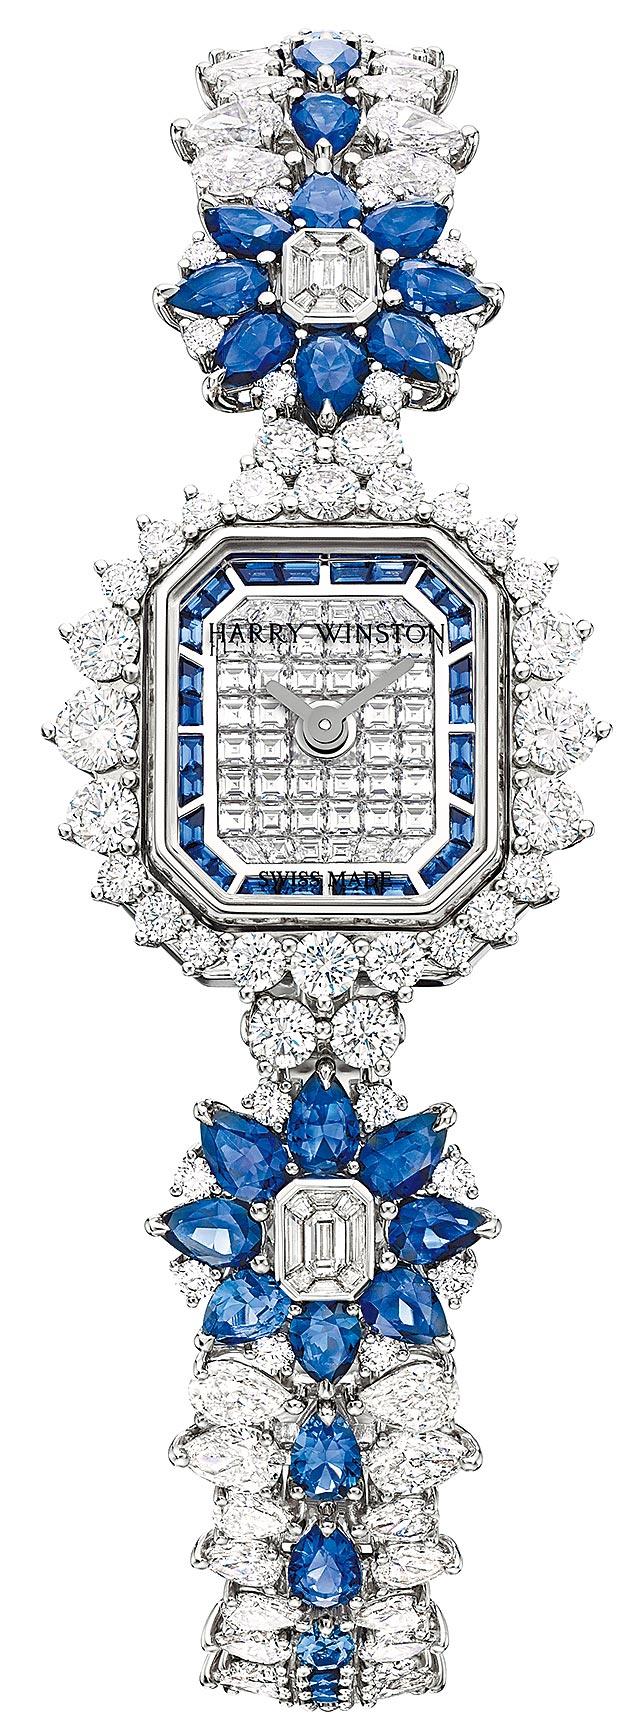 海瑞溫斯頓Marble Marquetry頂級珠寶表,約738萬元。(Harry Winston提供)